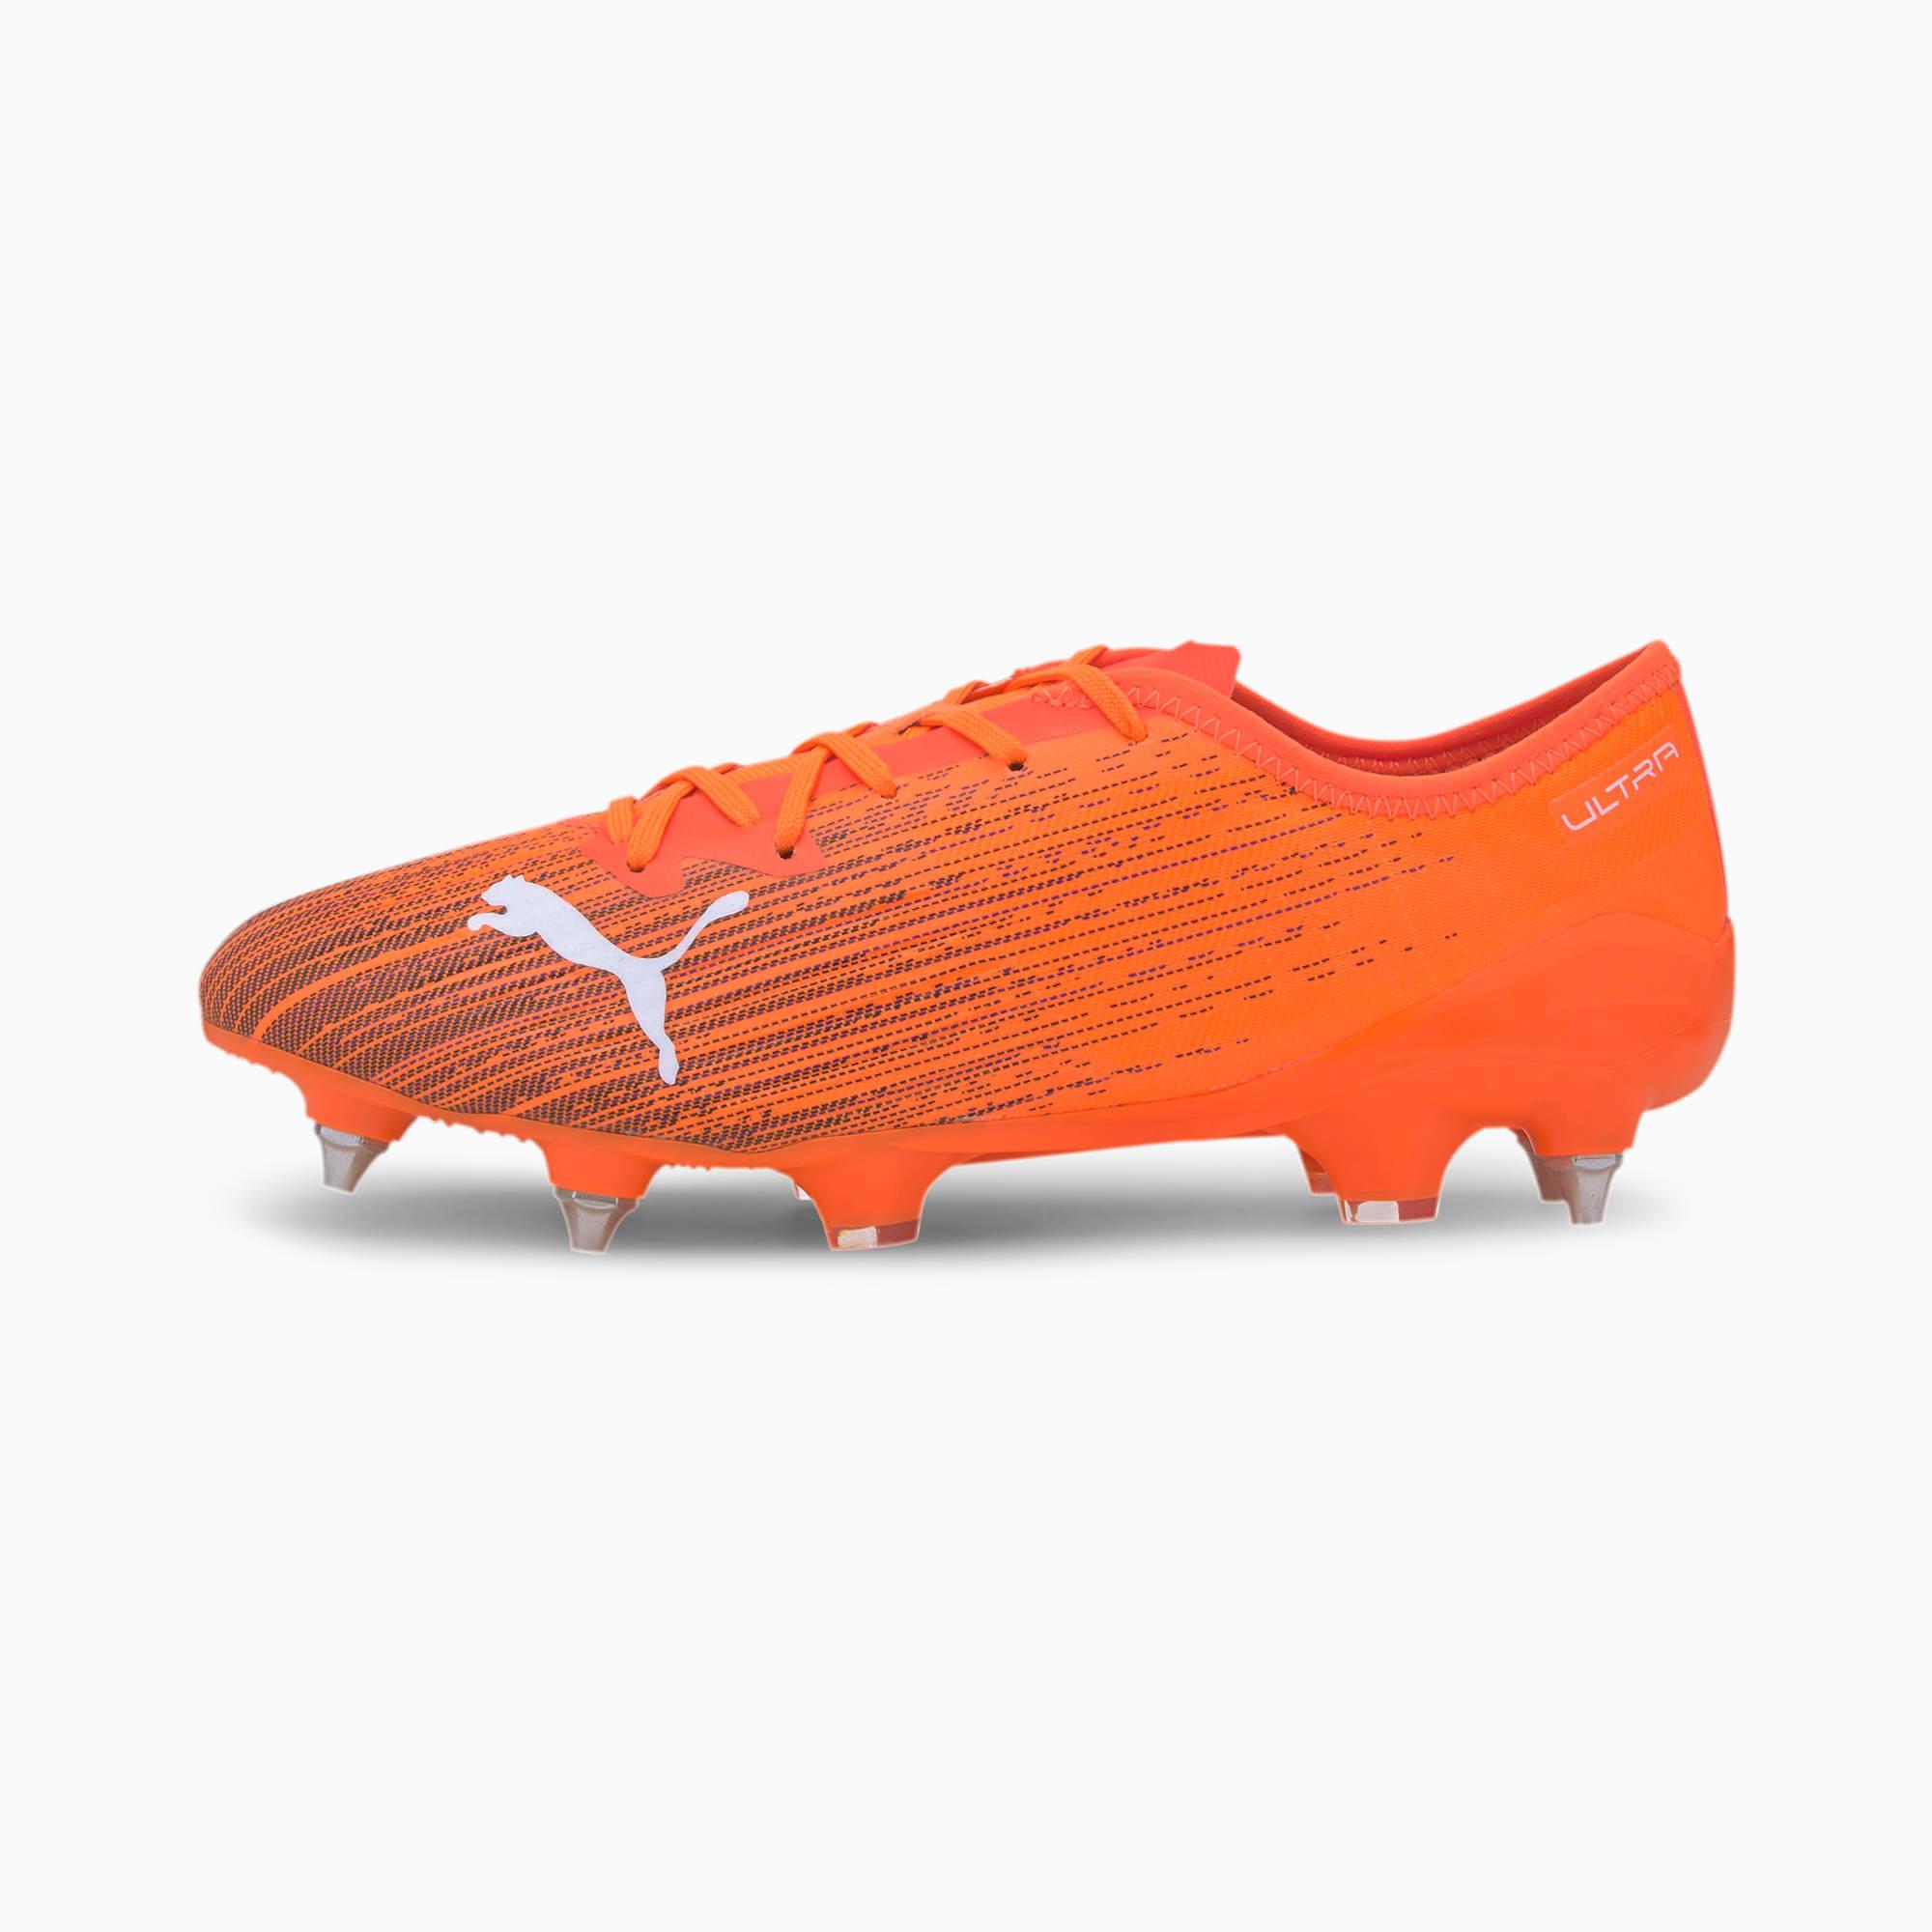 PUMA ULTRA 2.1 MxSG Herren Fußballschuhe   Mit Aucun   Orange/Schwarz   Größe: 37.5